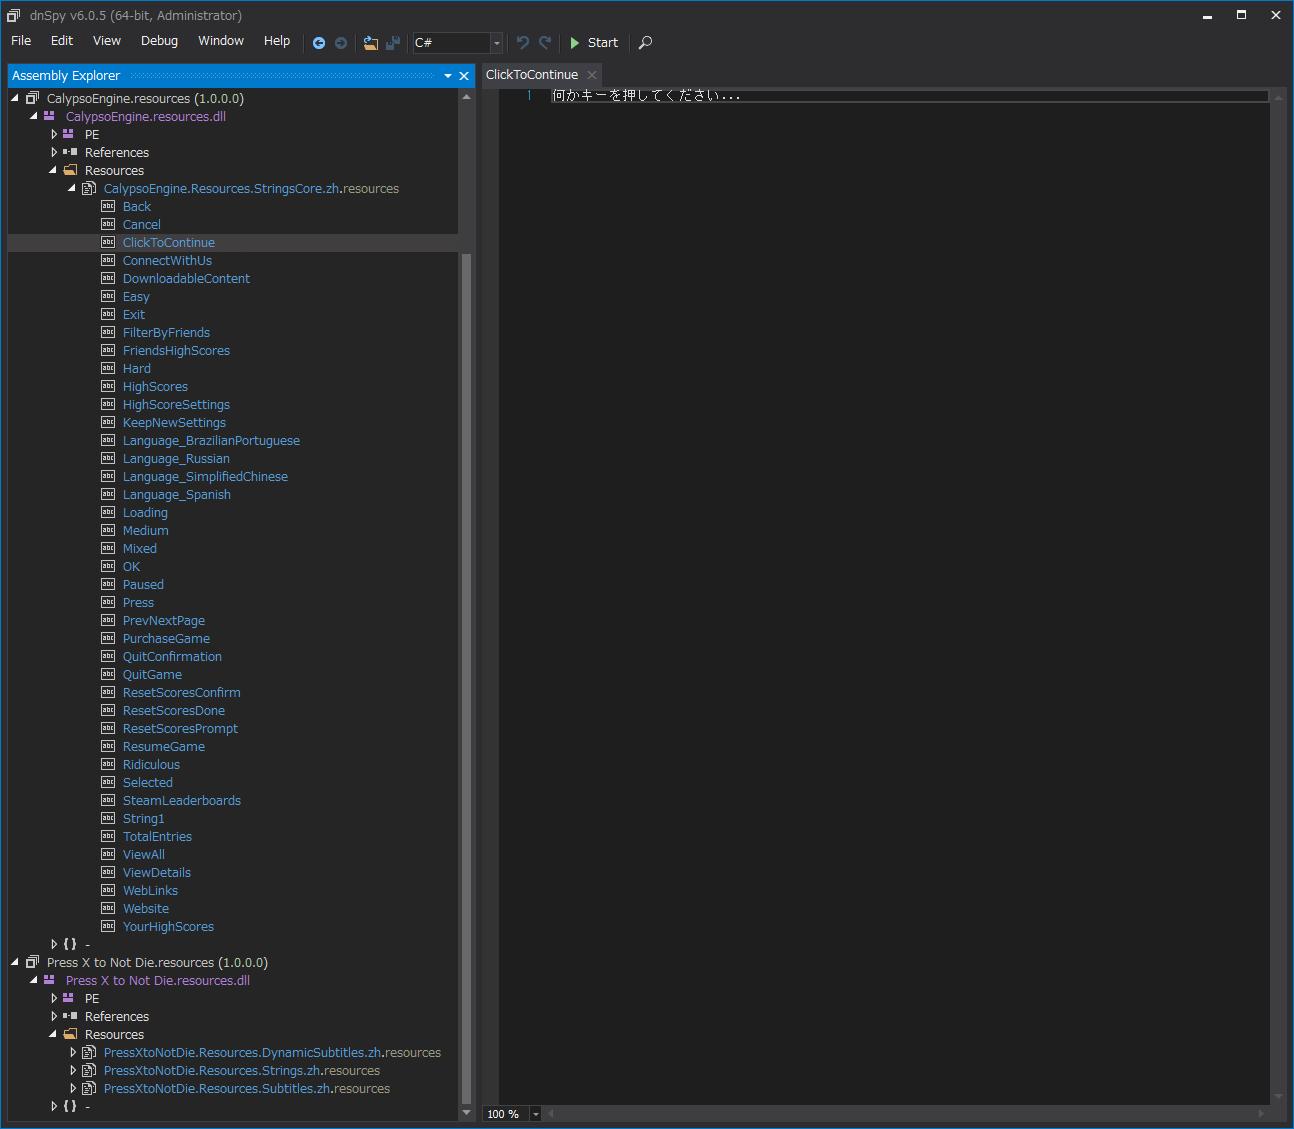 PC ゲーム Press X to Not Die 日本語化メモ、日本語化ファイルの zh フォルダにある CalypsoEngine.resources.dll と Press X to Not Die.resources.dll ファイルをデコンパイラ dnSpy で開く、Assembly Explorer に表示された CalypsoEngine.resources.dll と Press X to Not Die.resources.dll を開き、Resources フォルダ最下層にある項目を選択した状態で Alt+Enter または右クリックかメニューの Edit から Edit Resource をクリック